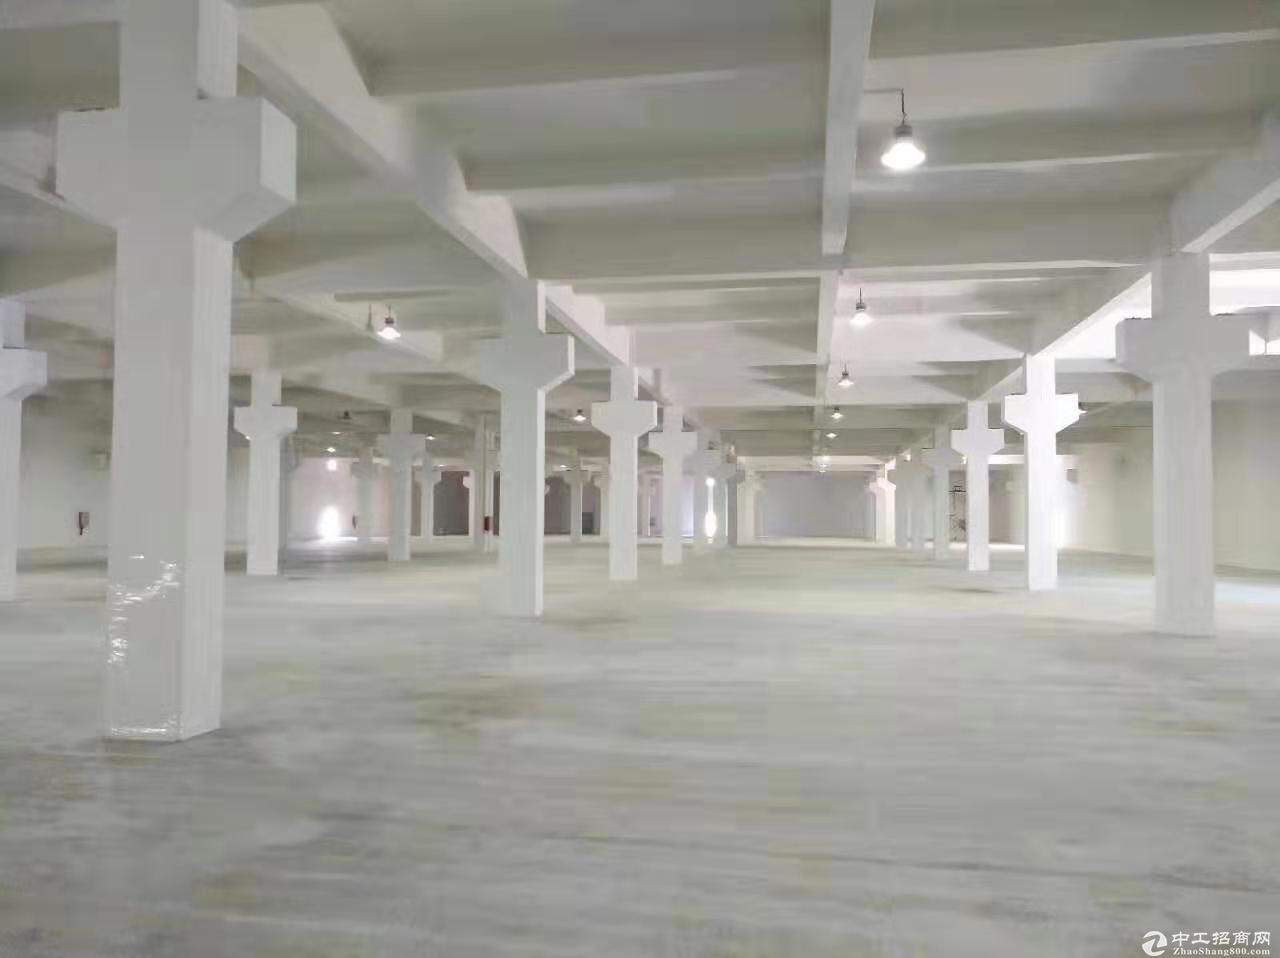 阳江高新区德尔工业园厂房/仓库出租-图2